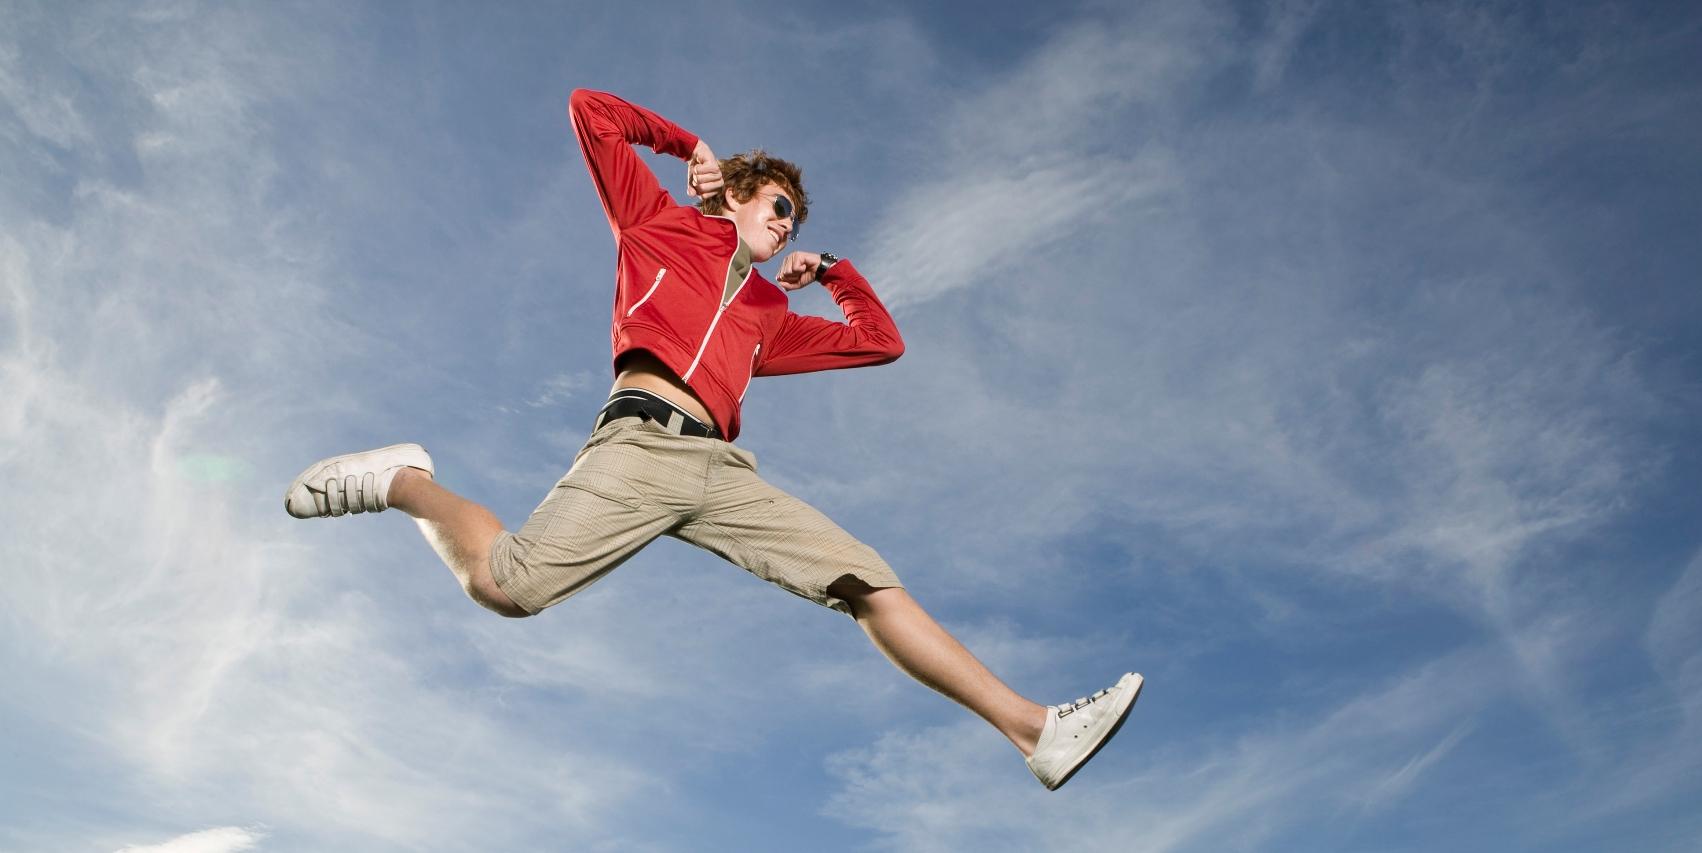 Teenage boy leaping in midair